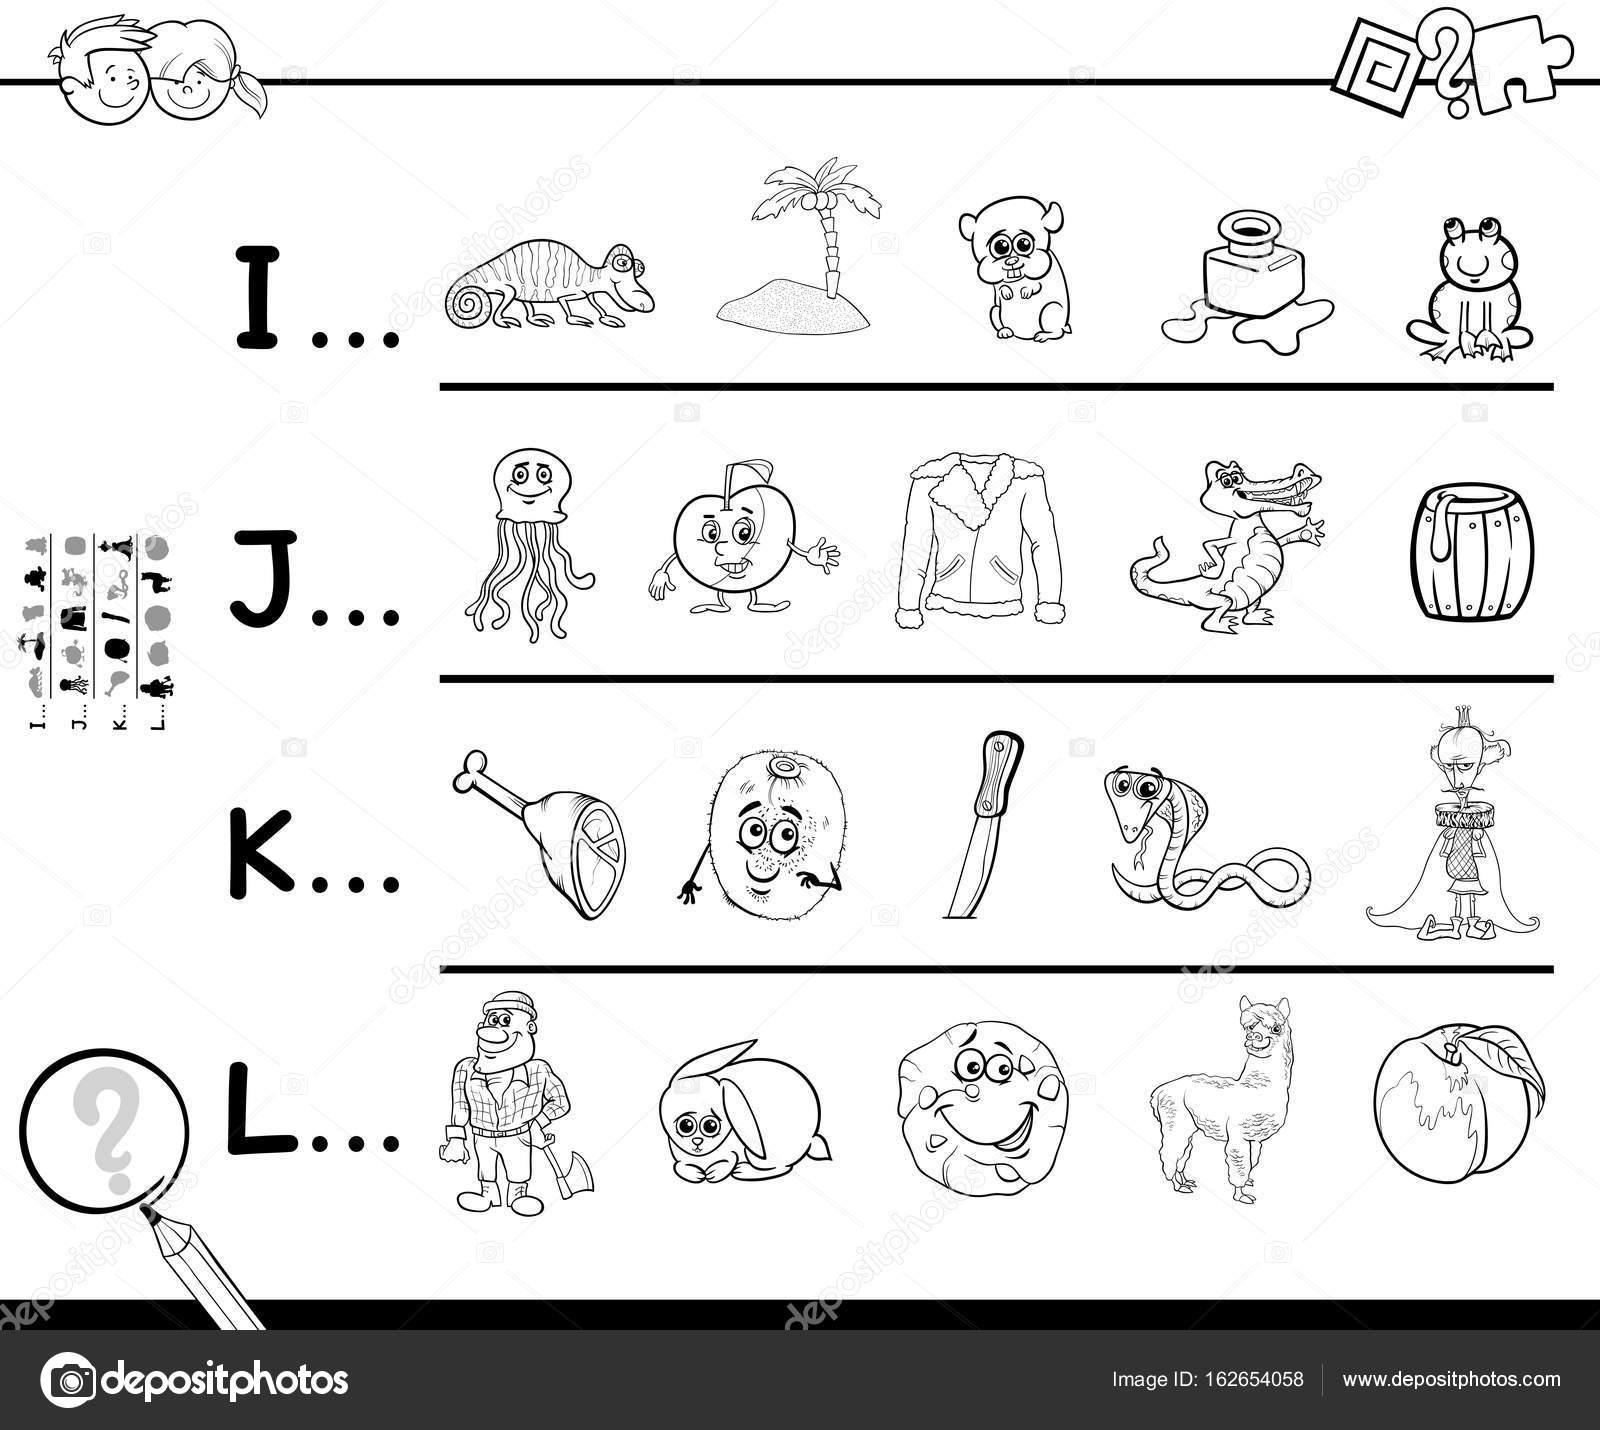 primera letra de una palabra página para colorear — Archivo Imágenes ...